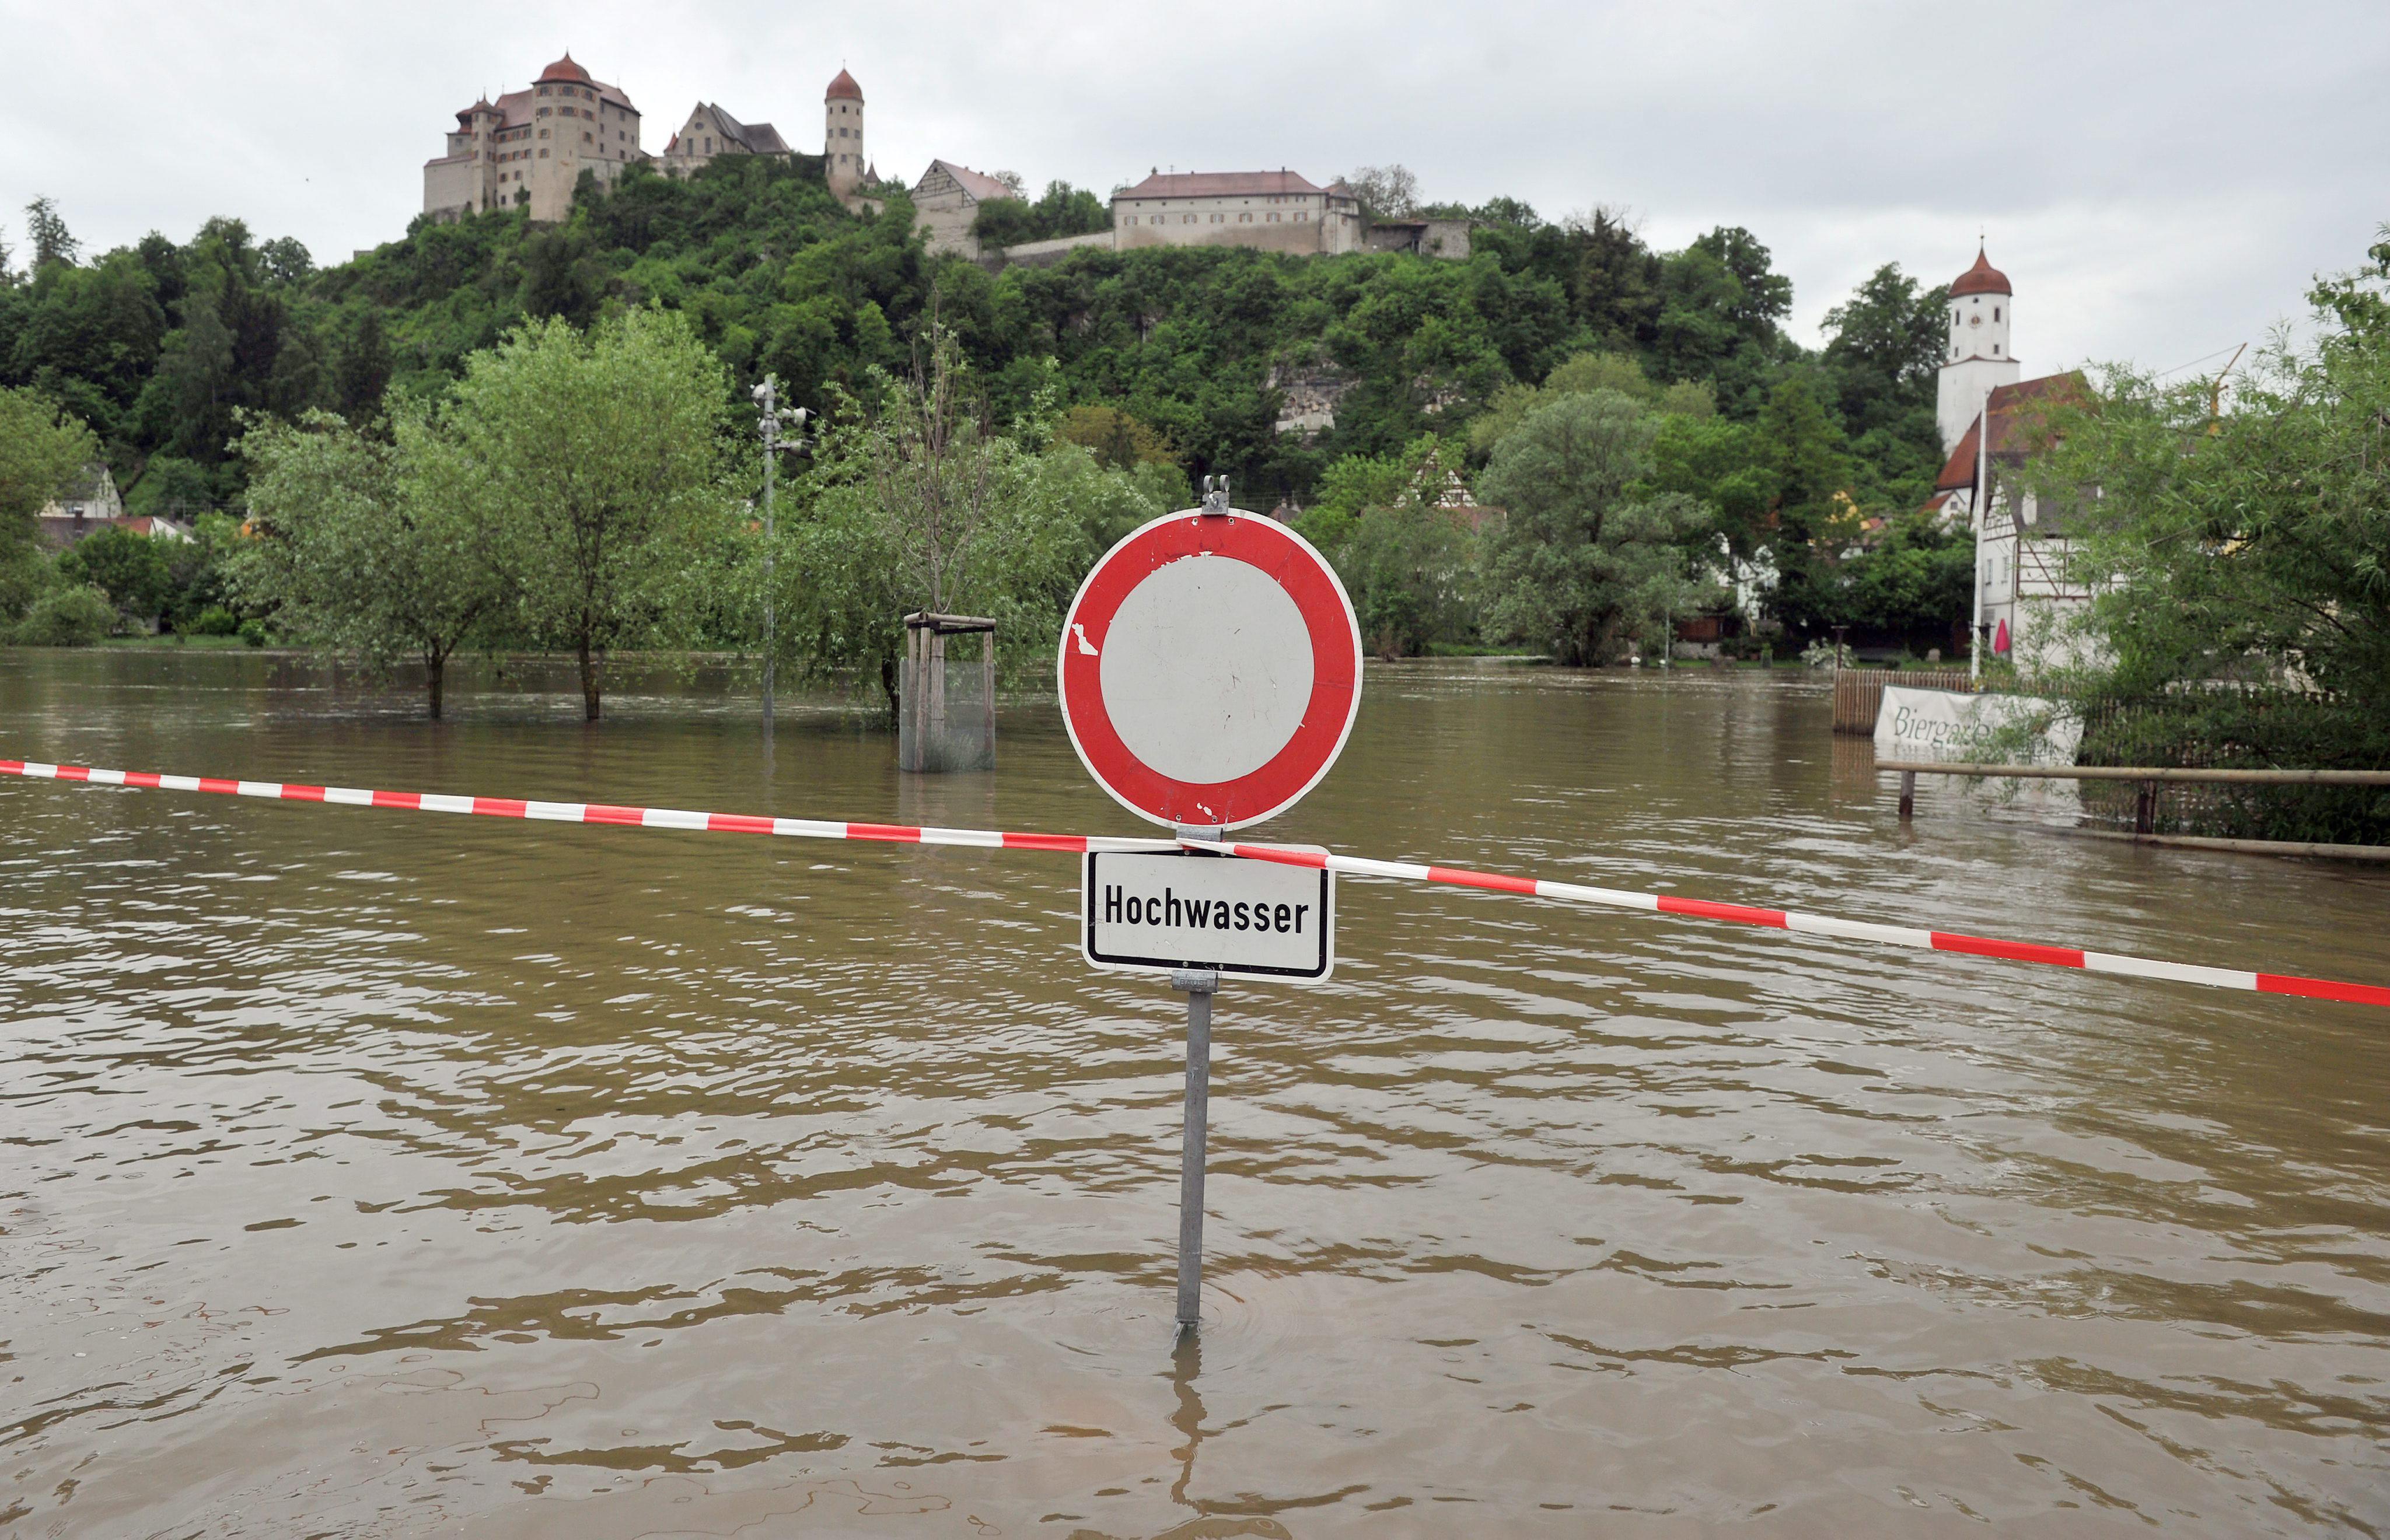 Las autoridades alemanas envían brigadas de soldados a zonas inundadas